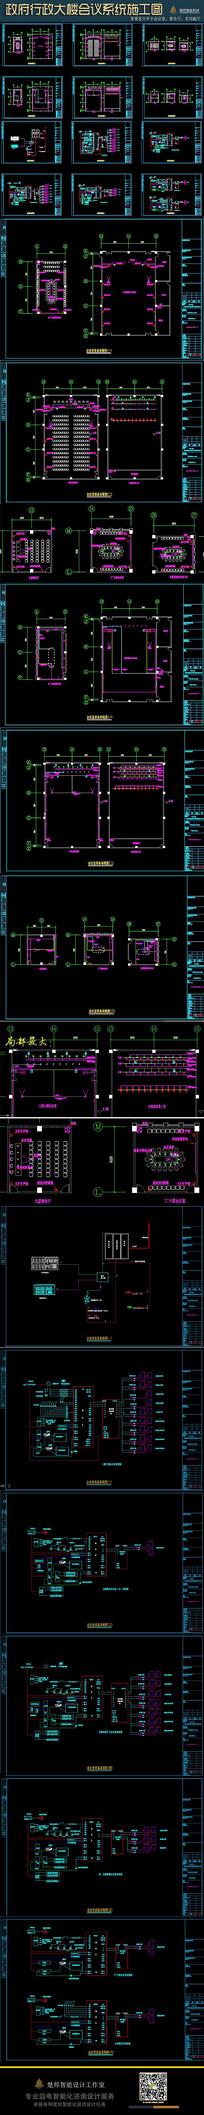 行政大楼会议室多媒体系统